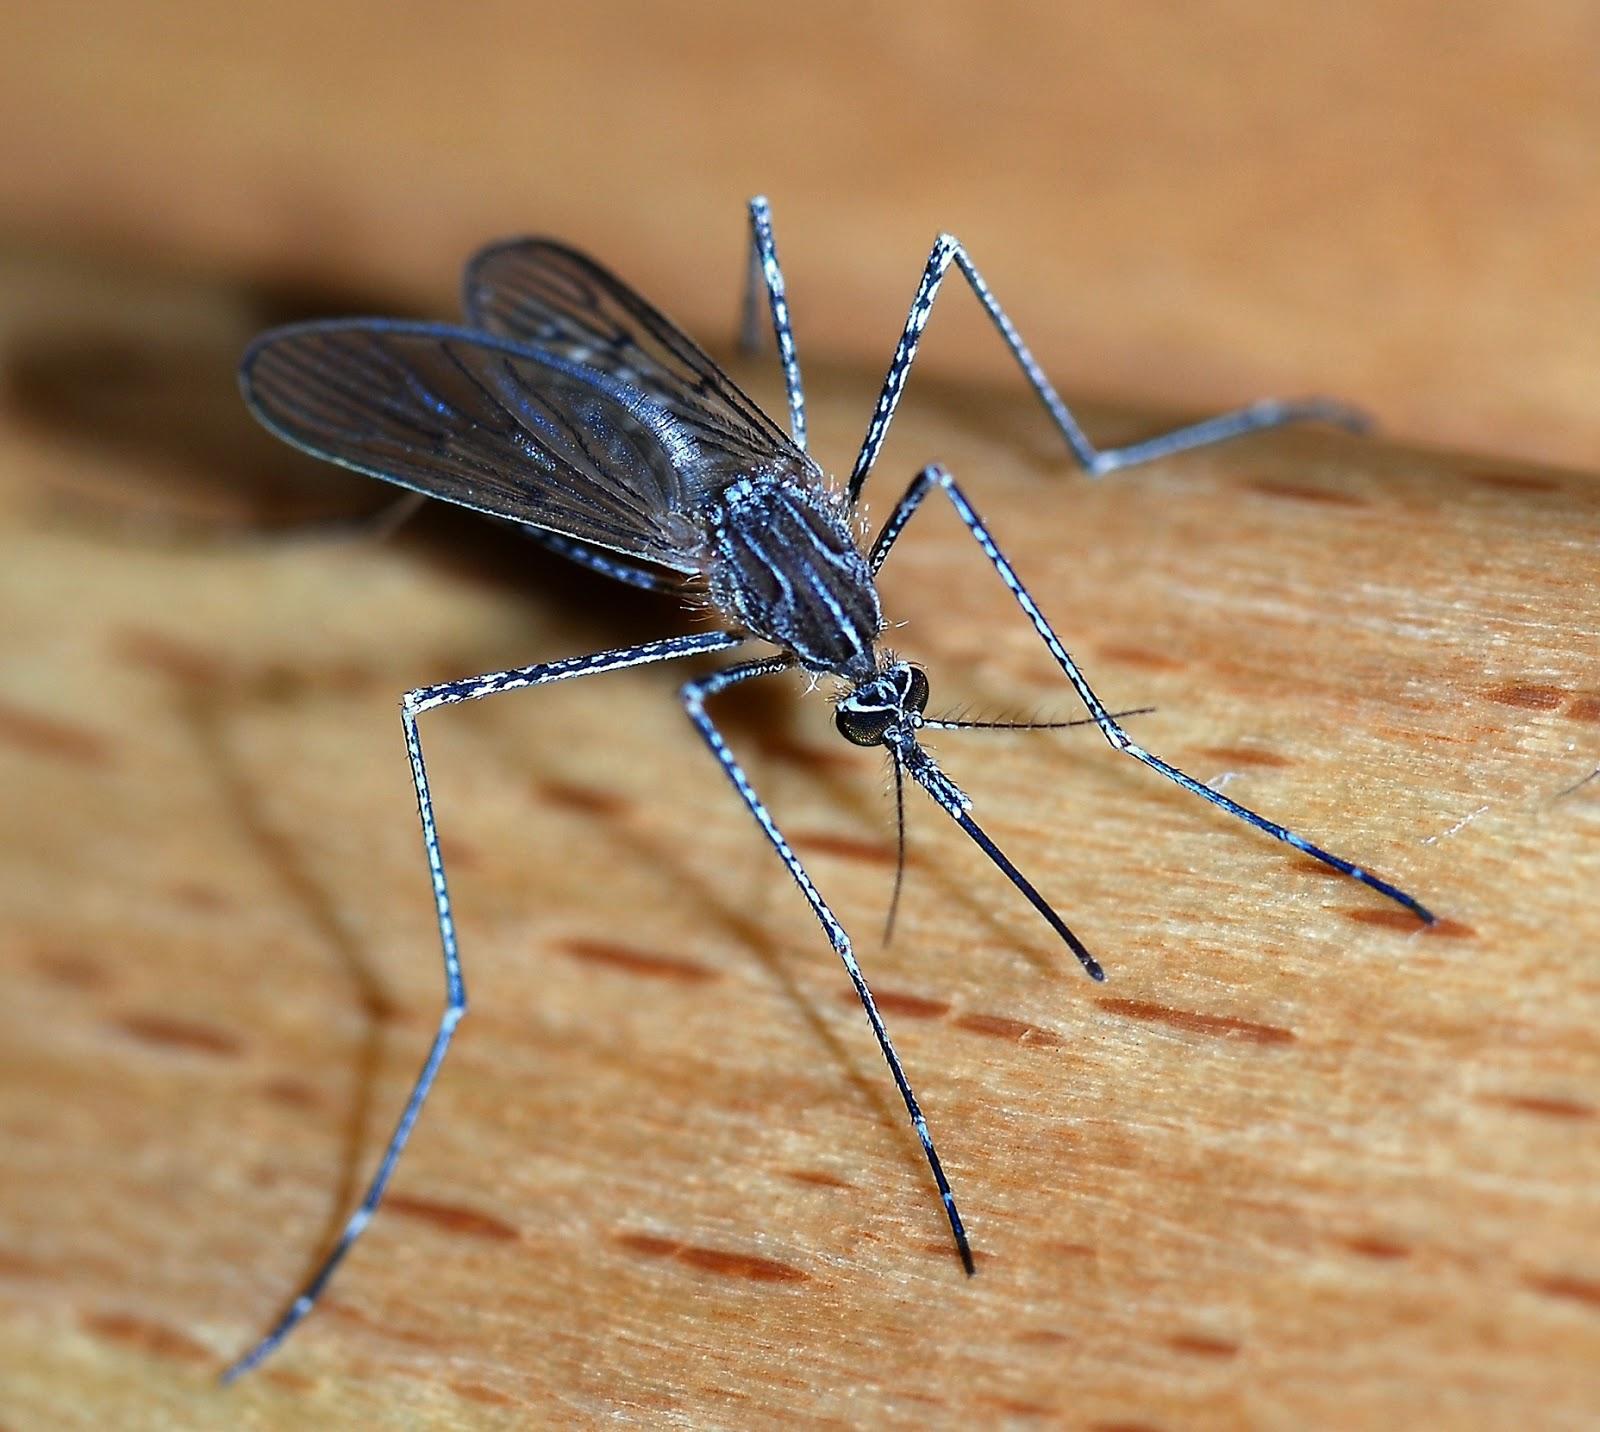 Комар кольчатый: питание, образ жизни, места обитания